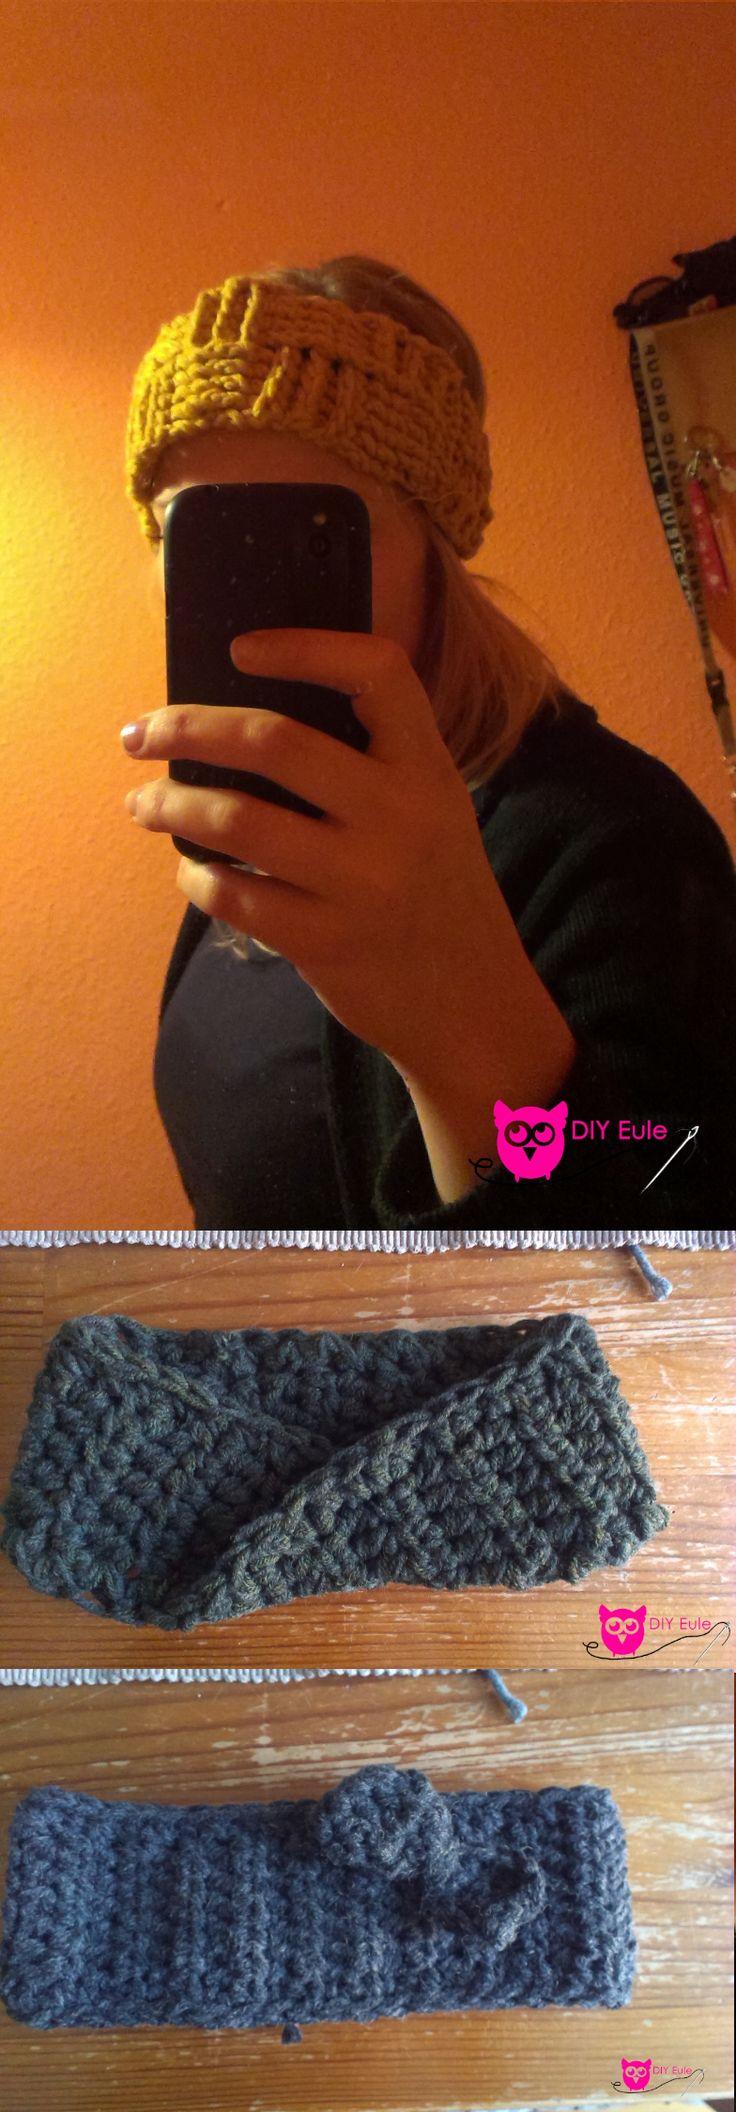 https://www.facebook.com/DIYeule Das sind ein paar boshi Stirnbänder. Die gehen so schön schnell! #myboshi #boshi #haekeln #Stirnband #DIY #DIYEule #Wolle